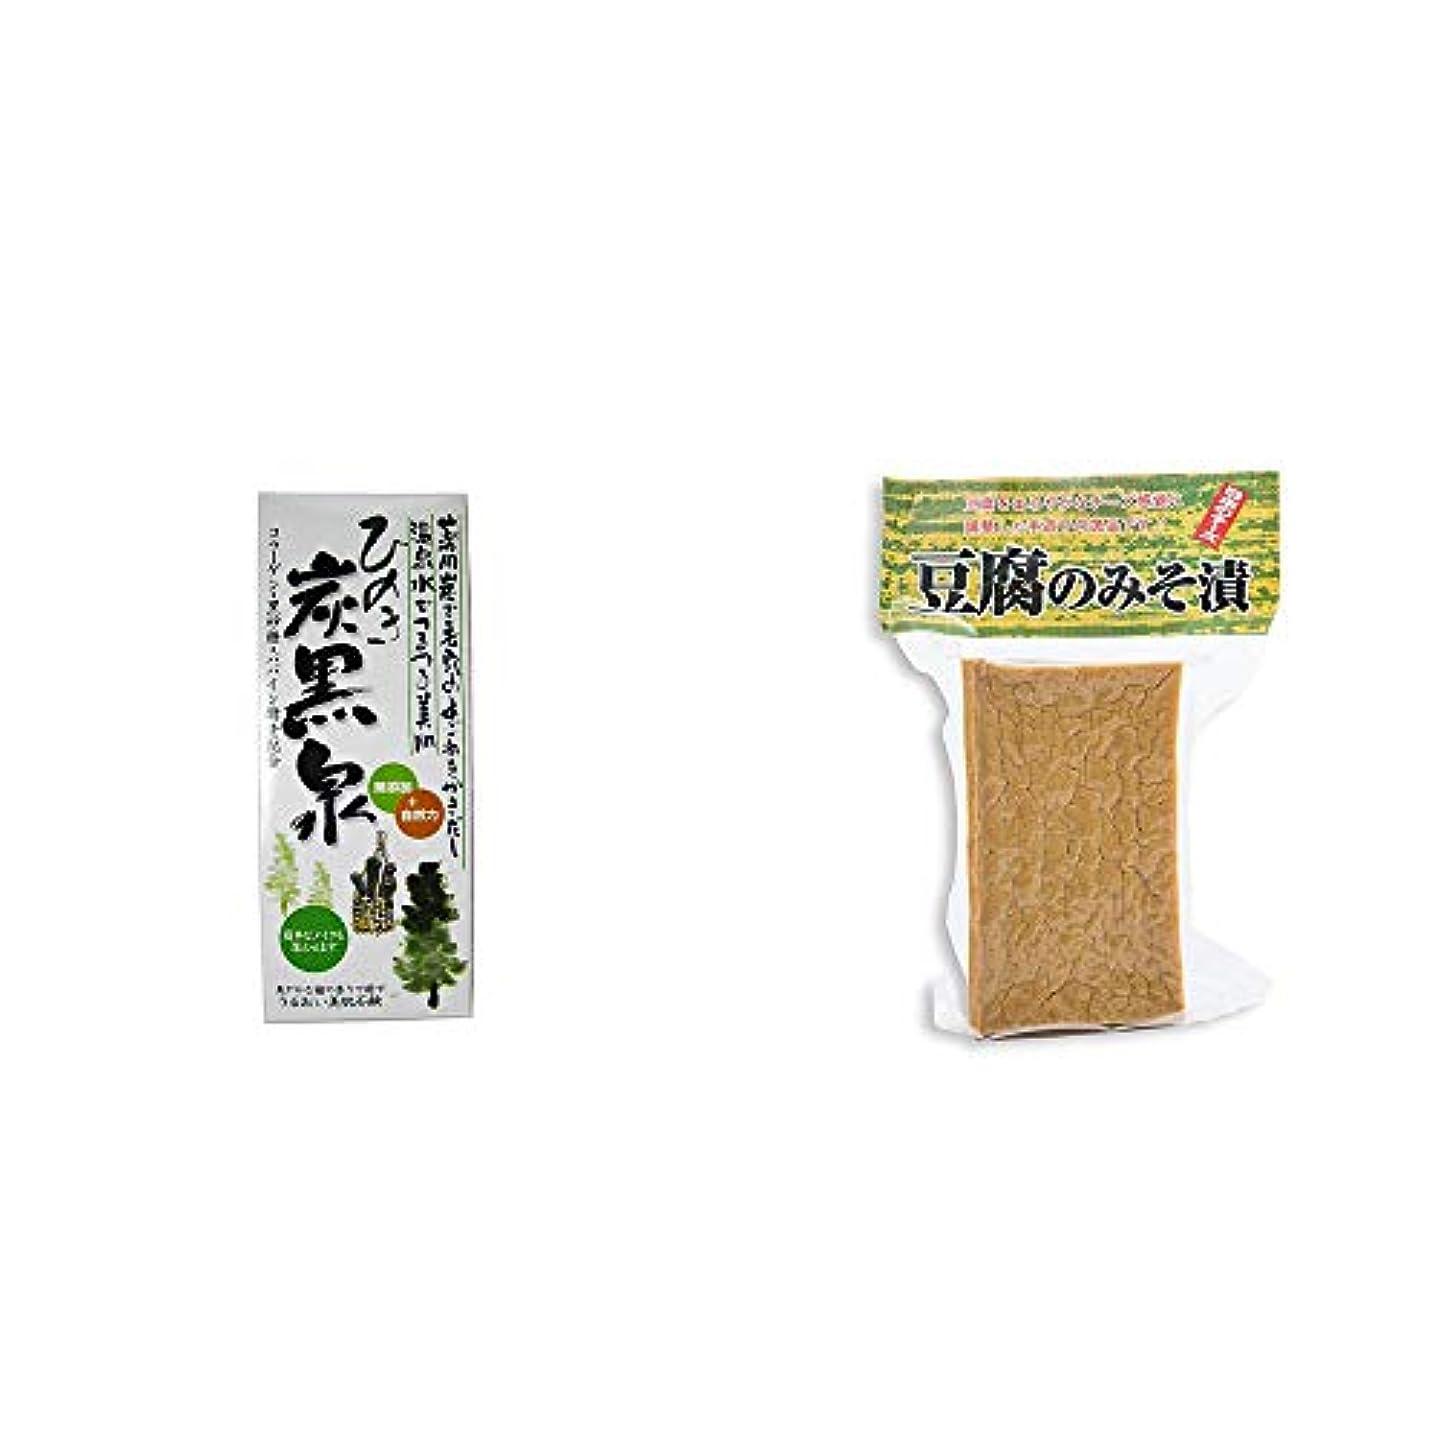 [2点セット] ひのき炭黒泉 箱入り(75g×3)?日本のチーズ 豆腐のみそ漬(1個入)